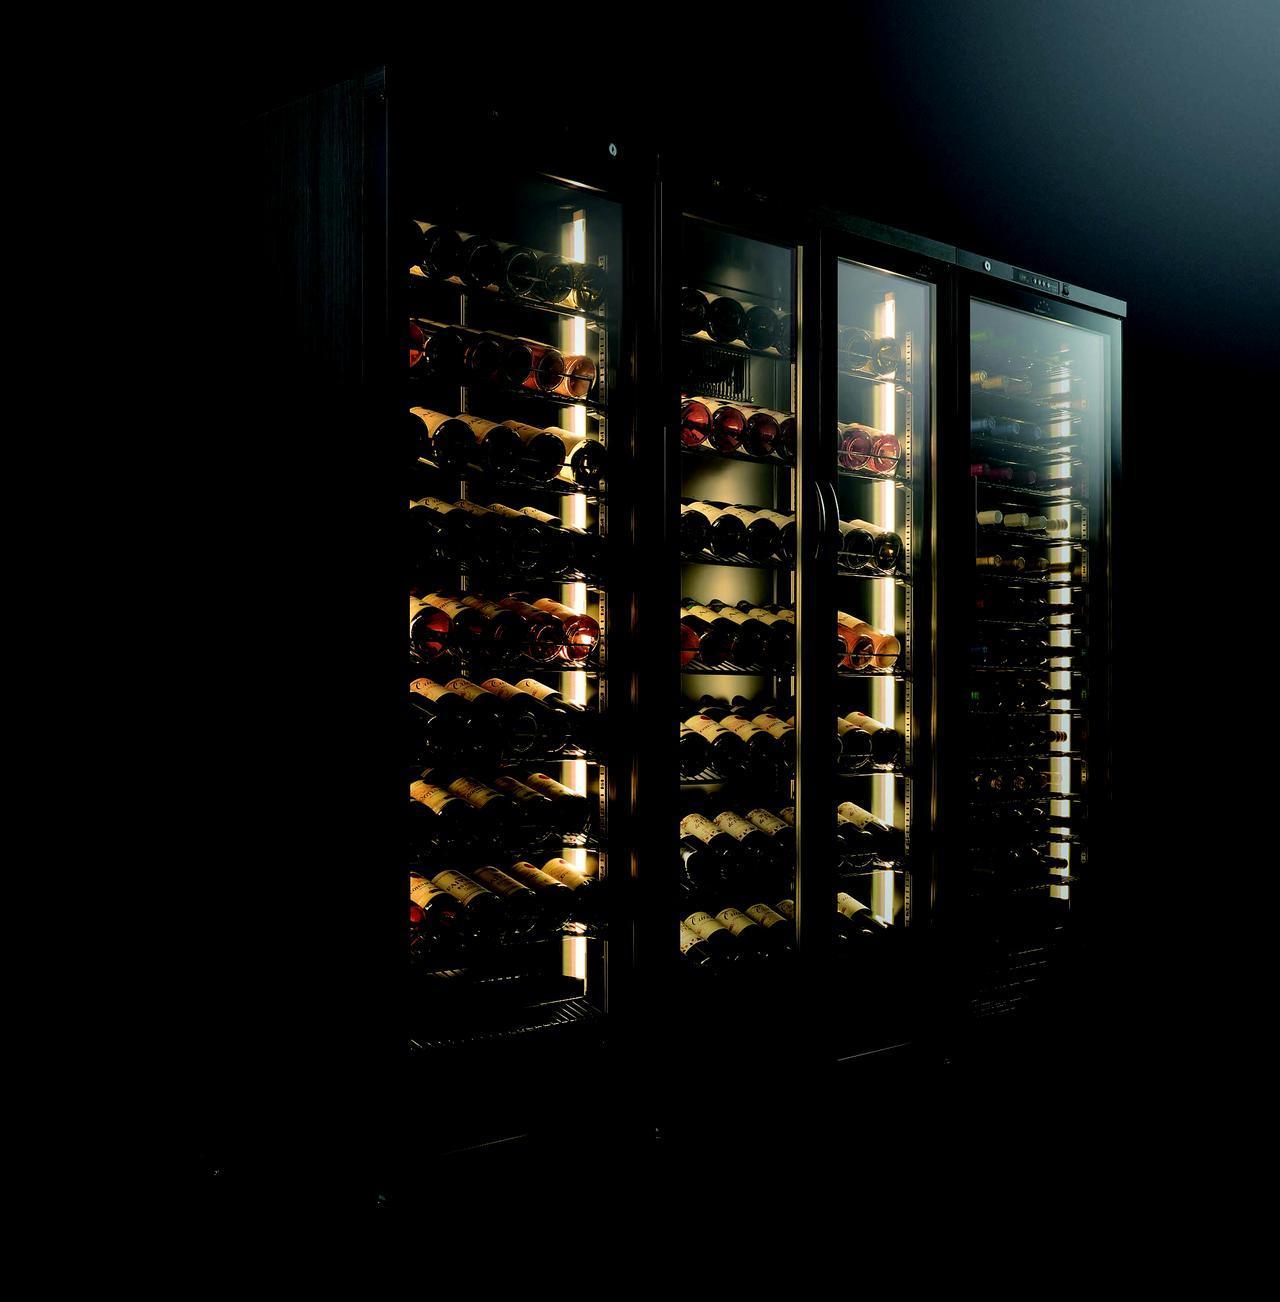 画像: 左から、左開きガラス扉の『ST-308GL(WK)』(w595×d575×h1760mm、90本収納)、観音開きガラス扉の『ST-408FGⅡ(WK)』(w750 × d575 × h1760mm、120本収納)、右開きガラス扉の『ST-308G(WK)』(w595×d575×h1760mm、90本収納)。各オープン価格